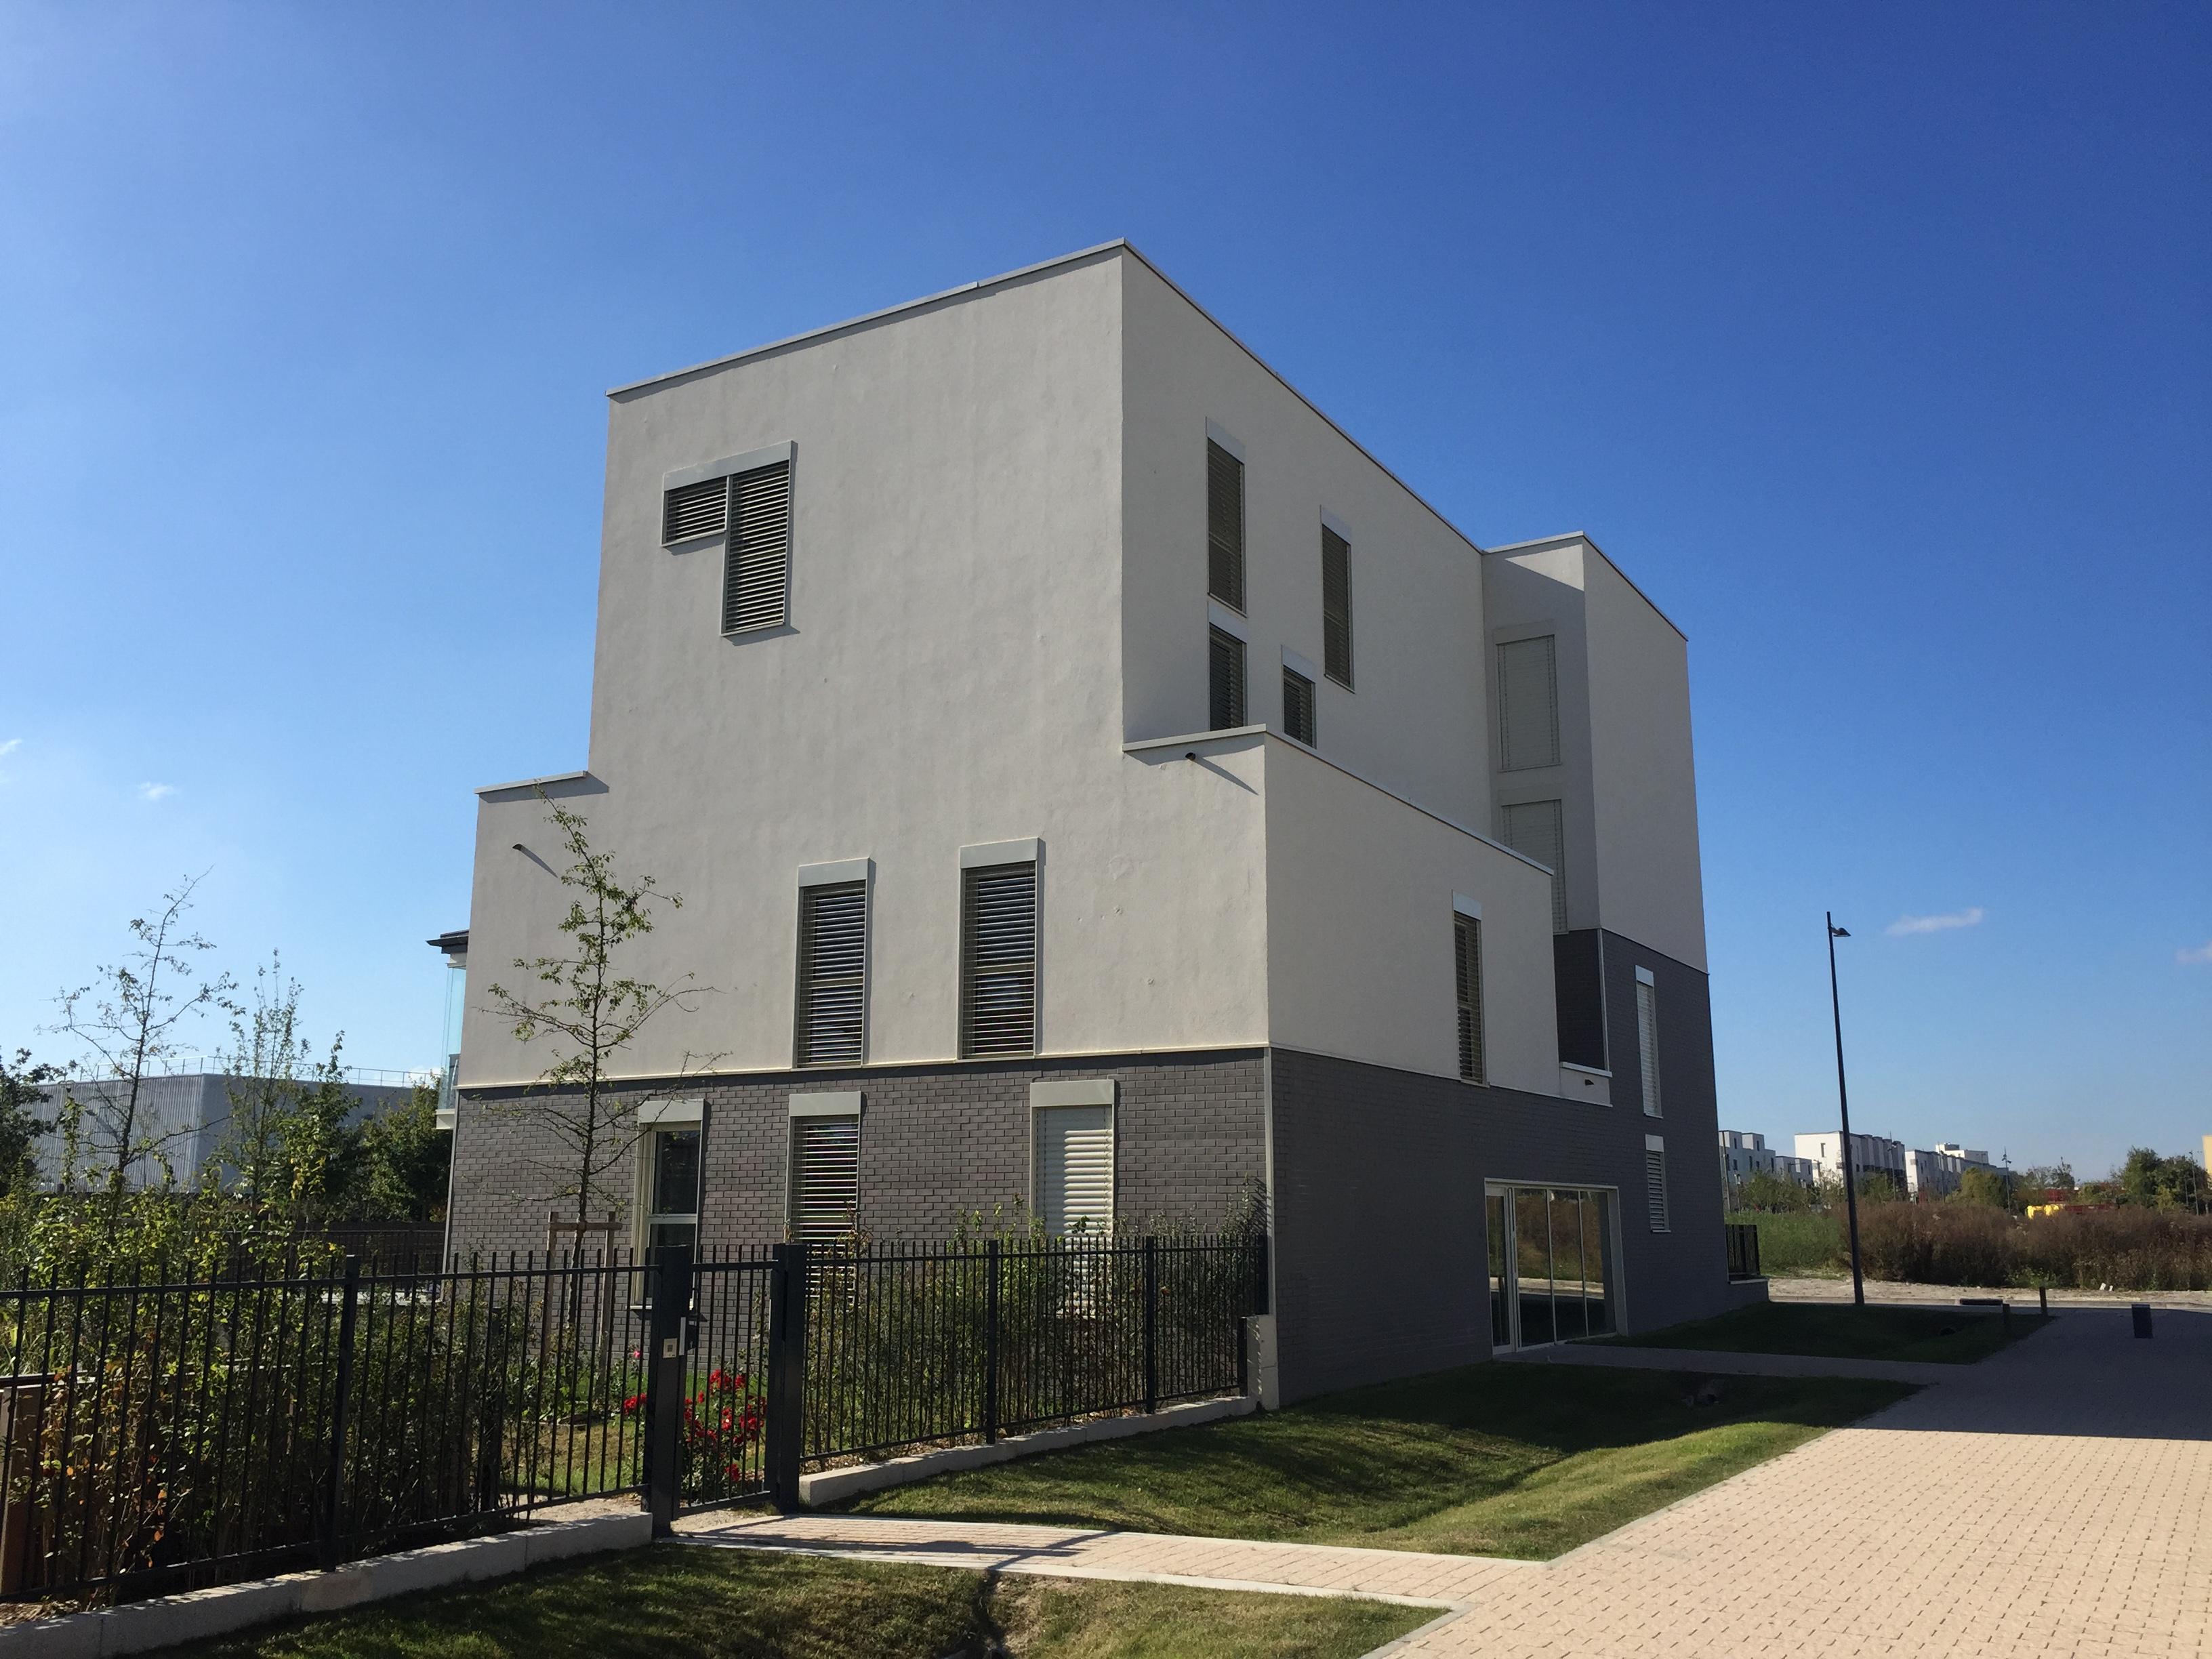 menuiserie-lambert-projet-eco-quartier-rema'vert3